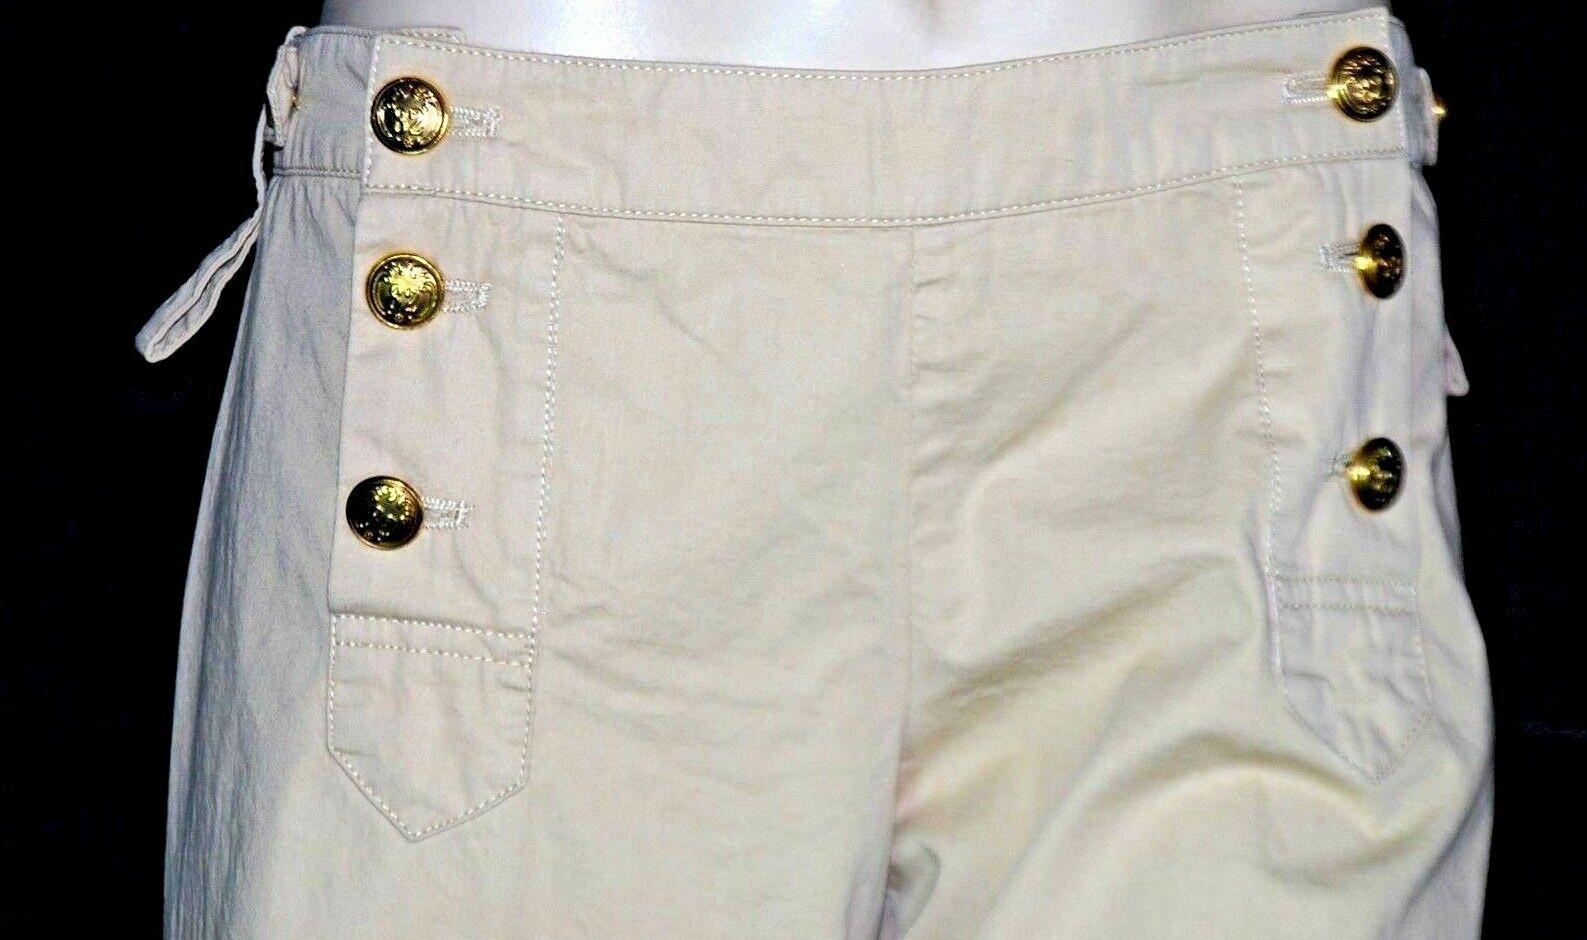 COAST WEBER DESIGNER Hose trousers kurze hose Bermudas 36 38 S neu  NEW tags